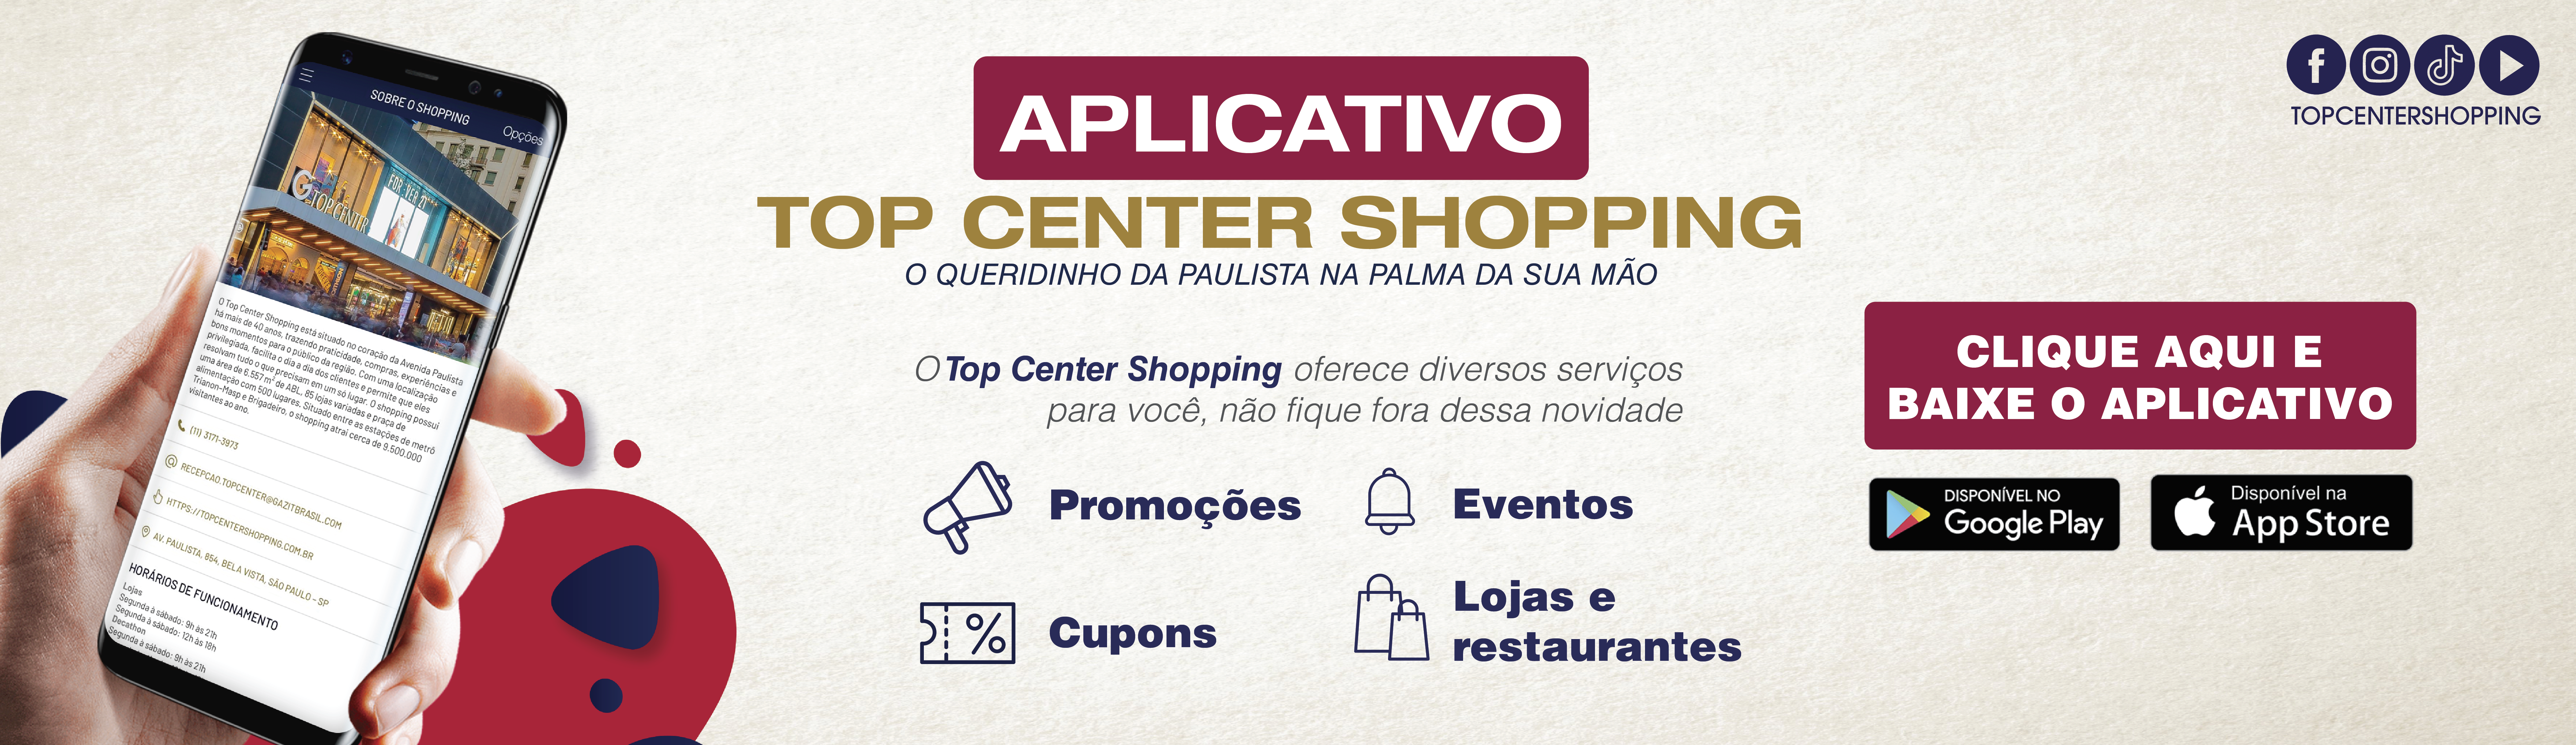 Aplicativo Top Center Shopping